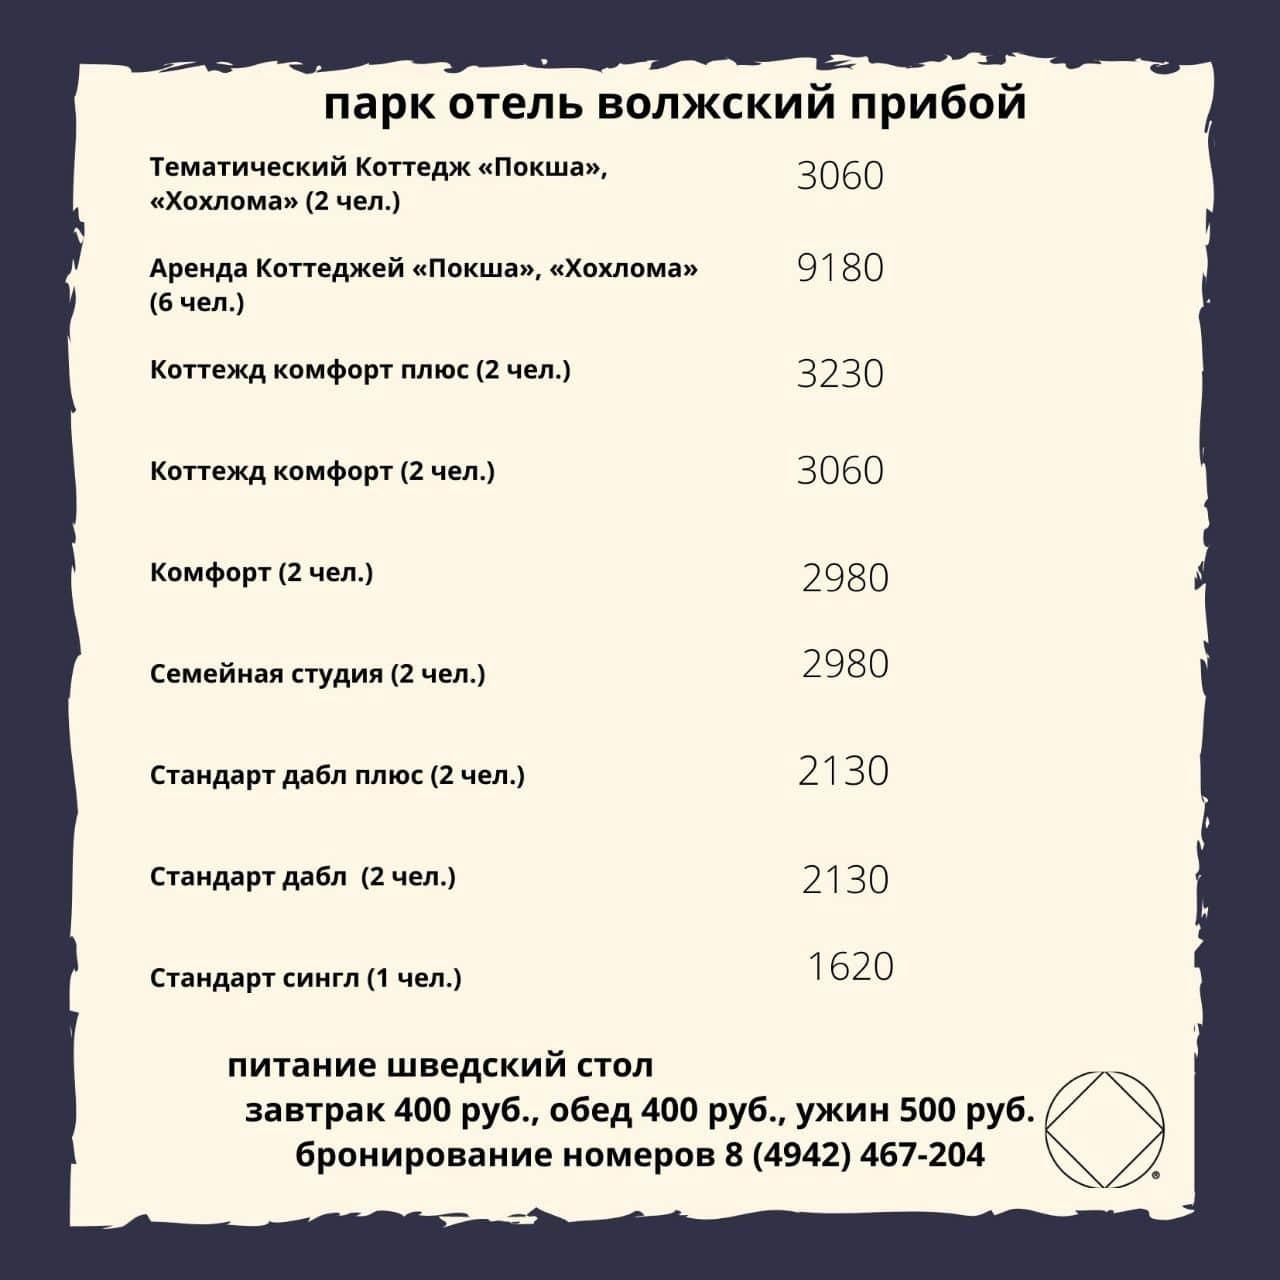 Юбилей АН г.Кострома @ Костромская область